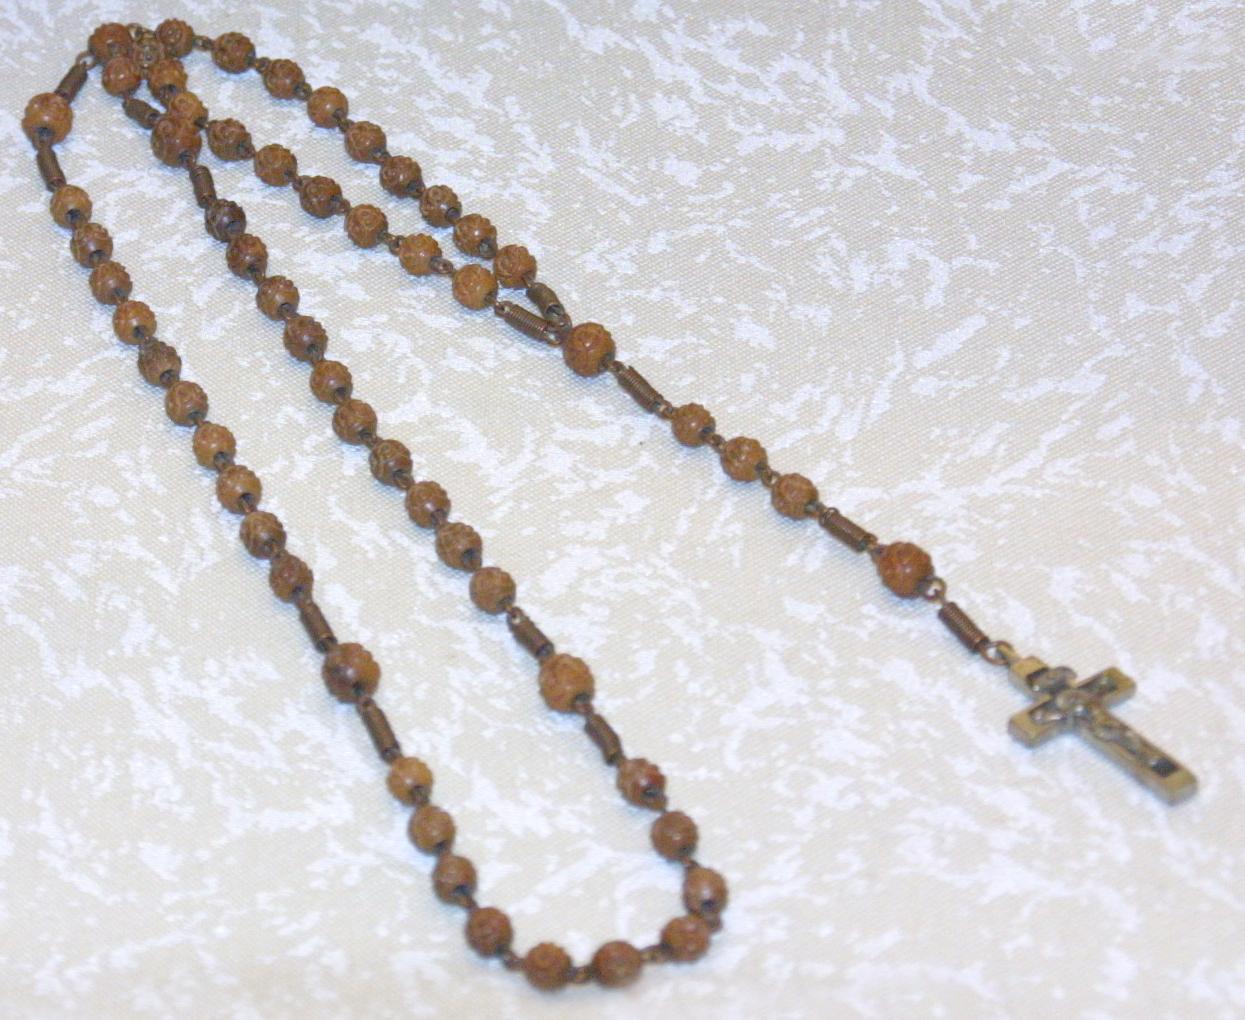 Gewidmet Buddha Amulett Metall Lapis Lazuli Tibet 1970 Alte Handarbeit Anhänger Halskette Kaufen Sie Immer Gut Entstehungszeit Nach 1945